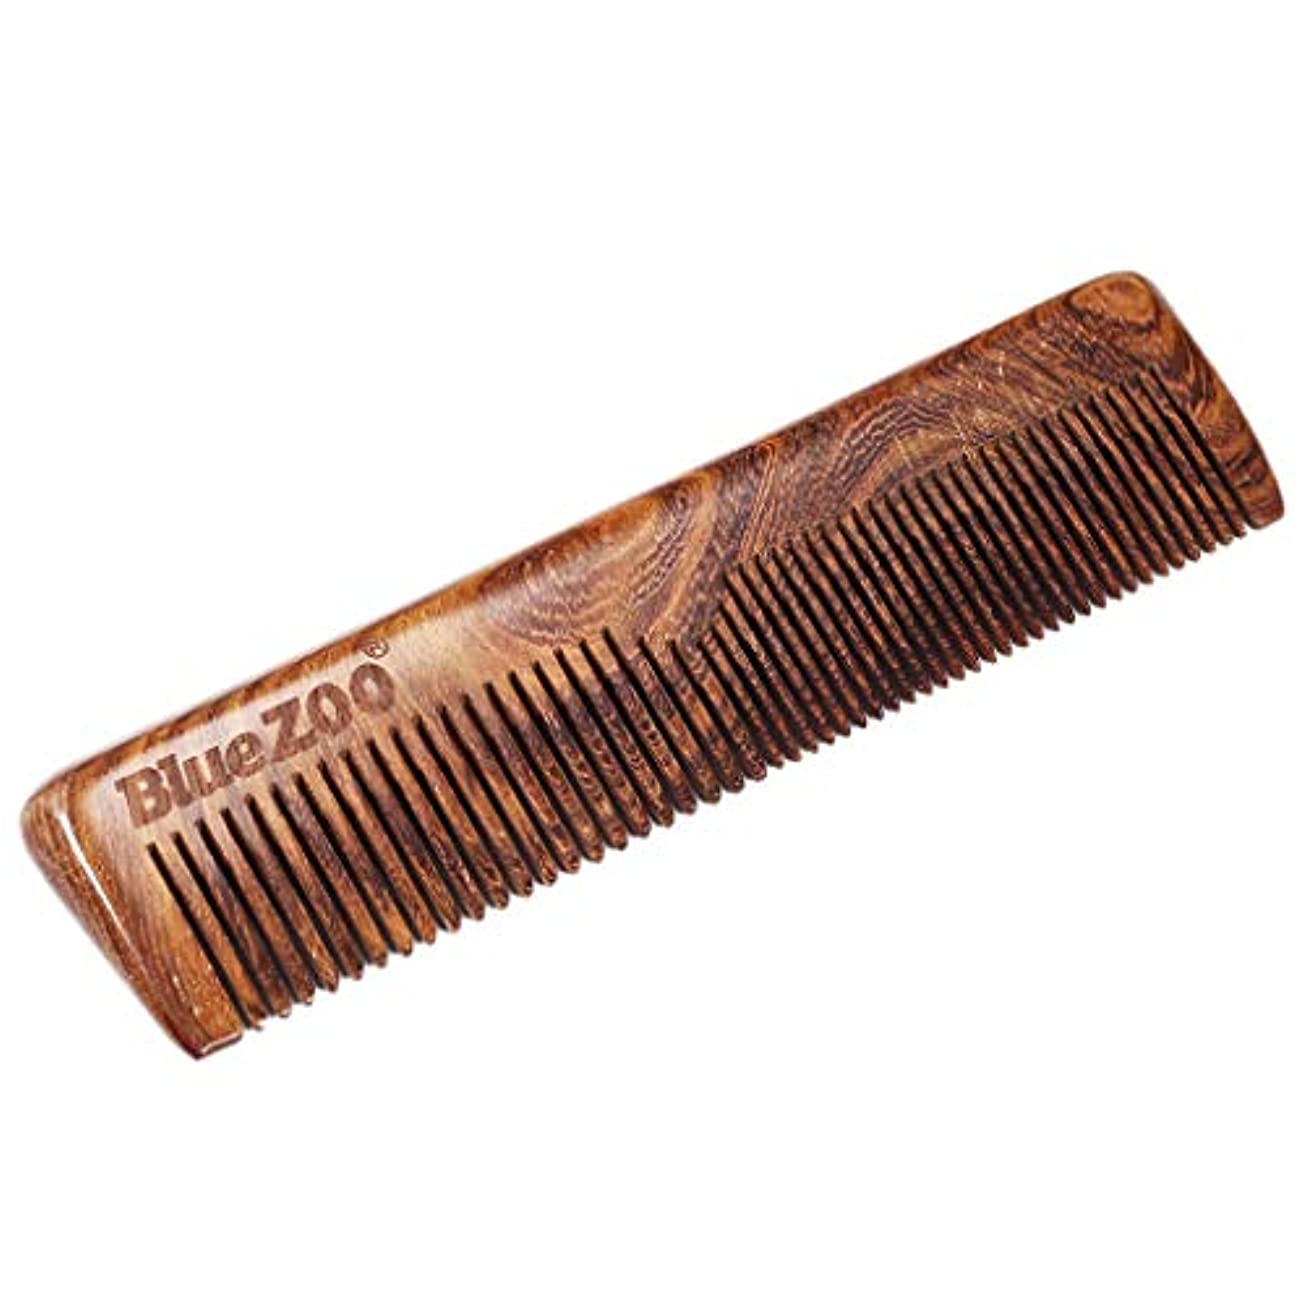 物理的な重力首相Toygogo 長い短い男性のひげ口ひげの髪のための携帯用自然なサンダルウッドの櫛